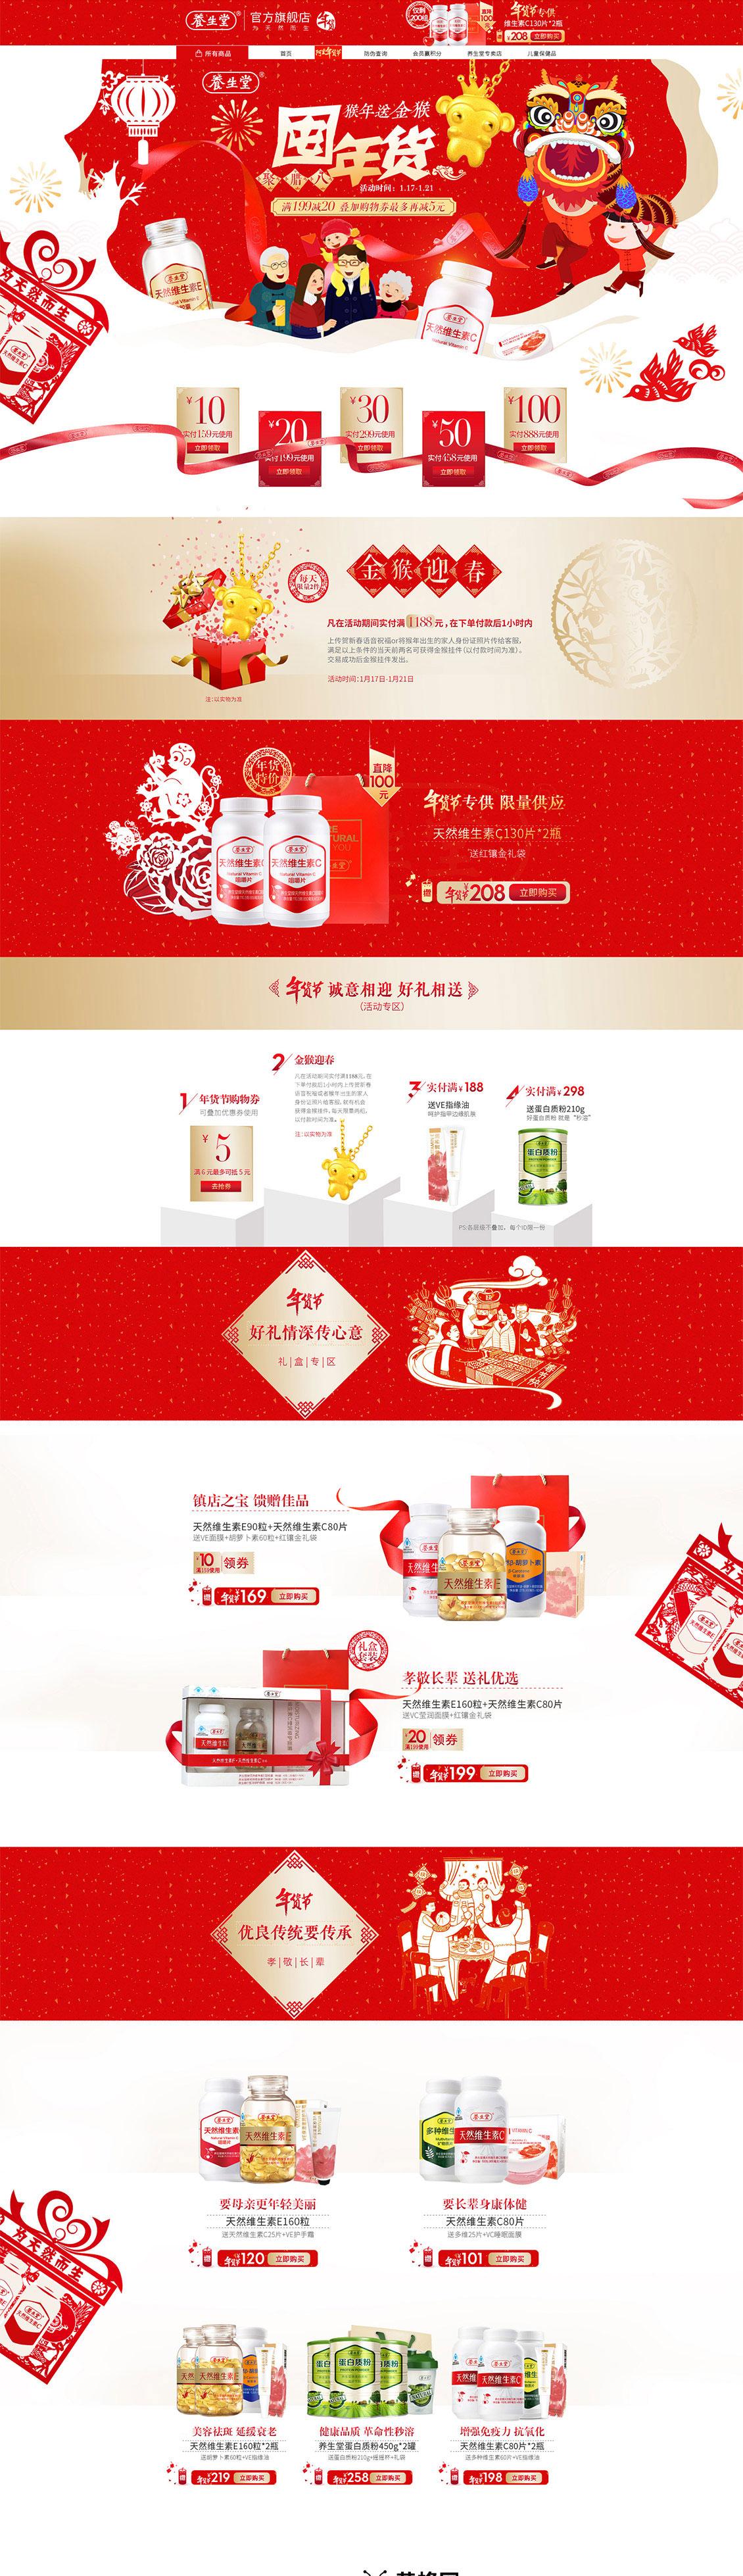 養生堂保健食品新年店鋪首頁設計